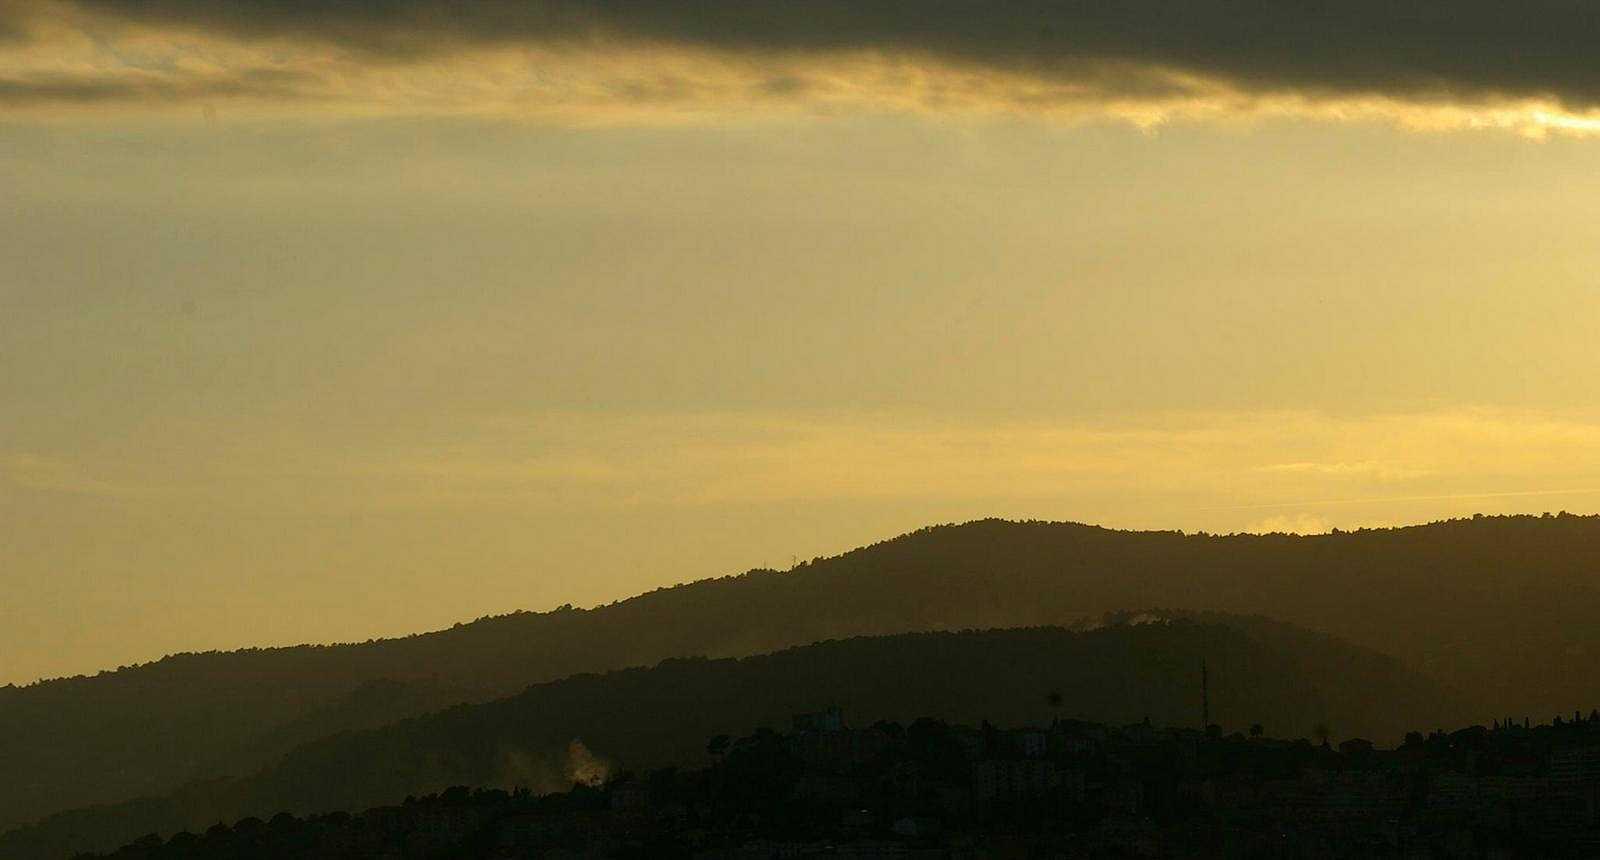 Coucher de soleil sur les hauteurs au-dessus de Grasse